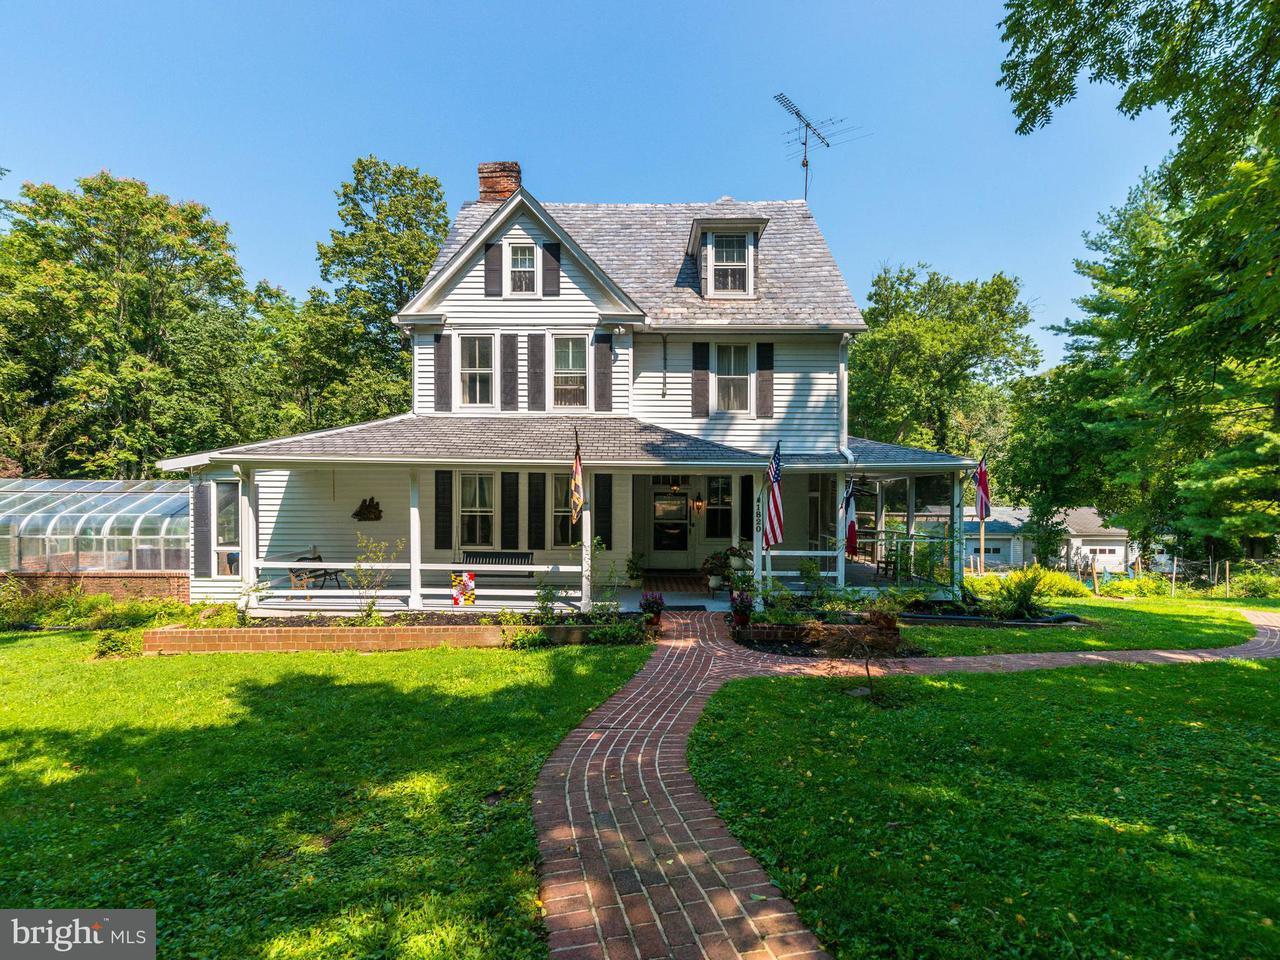 一戸建て のために 売買 アット 1820 COTTAGE Lane 1820 COTTAGE Lane Stevenson, メリーランド 21153 アメリカ合衆国